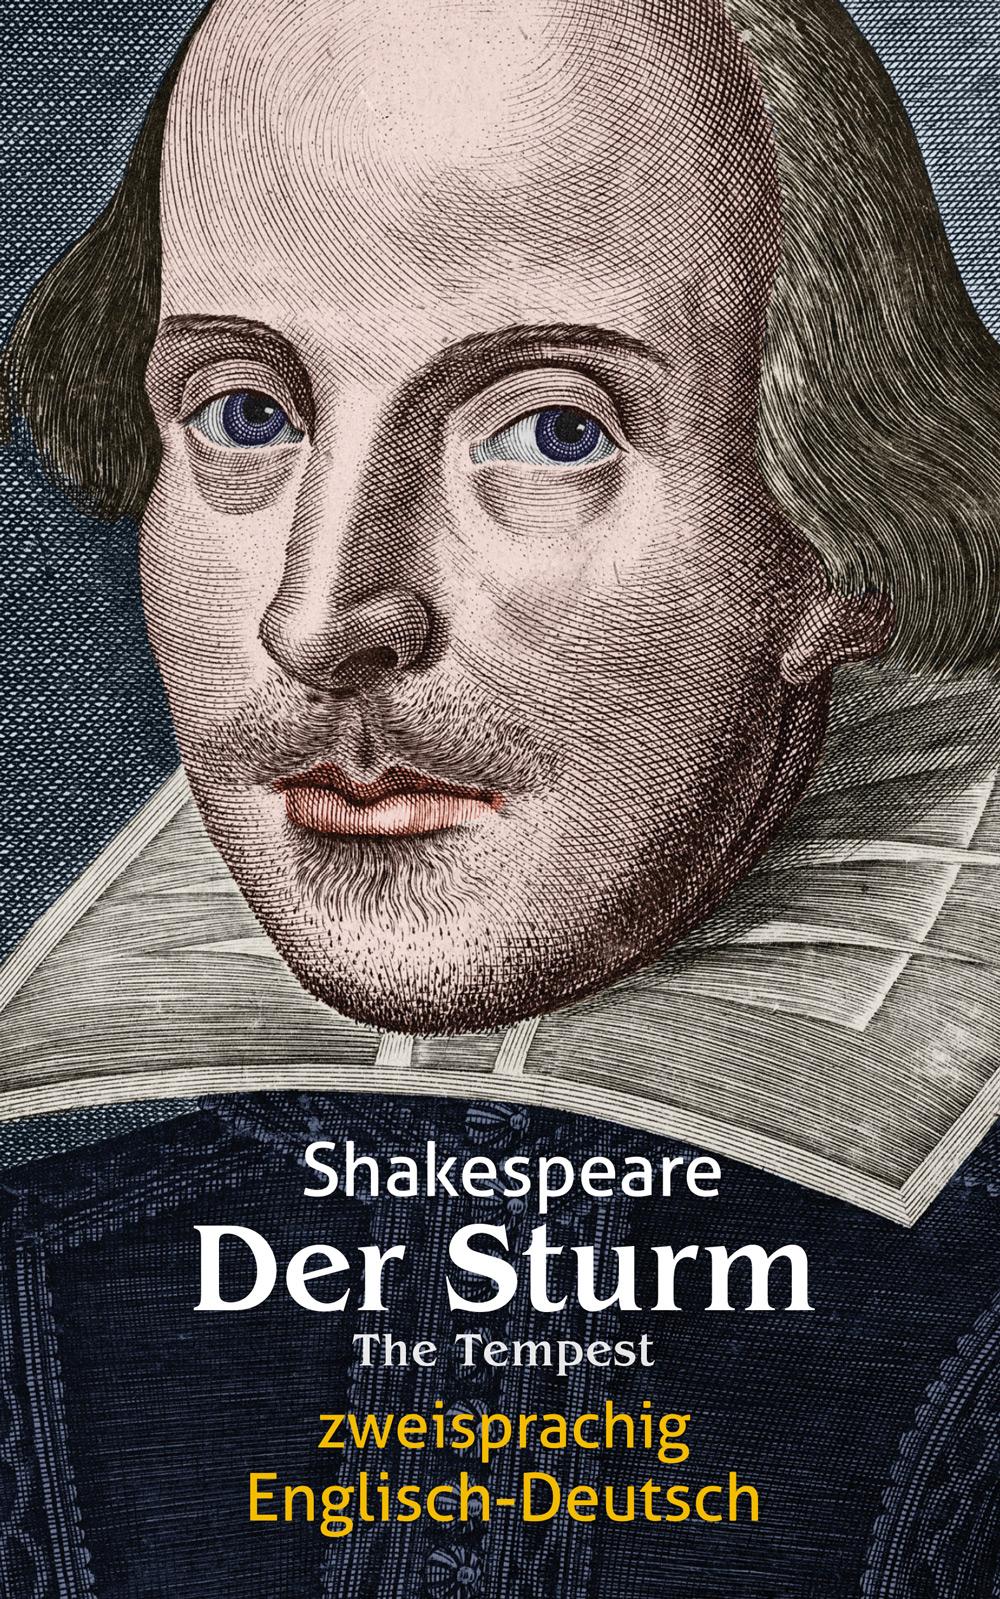 NEU-Der-Sturm-The-Tempest-Shakespeare-Zweisprachig-Englisch-Deutsc-571162